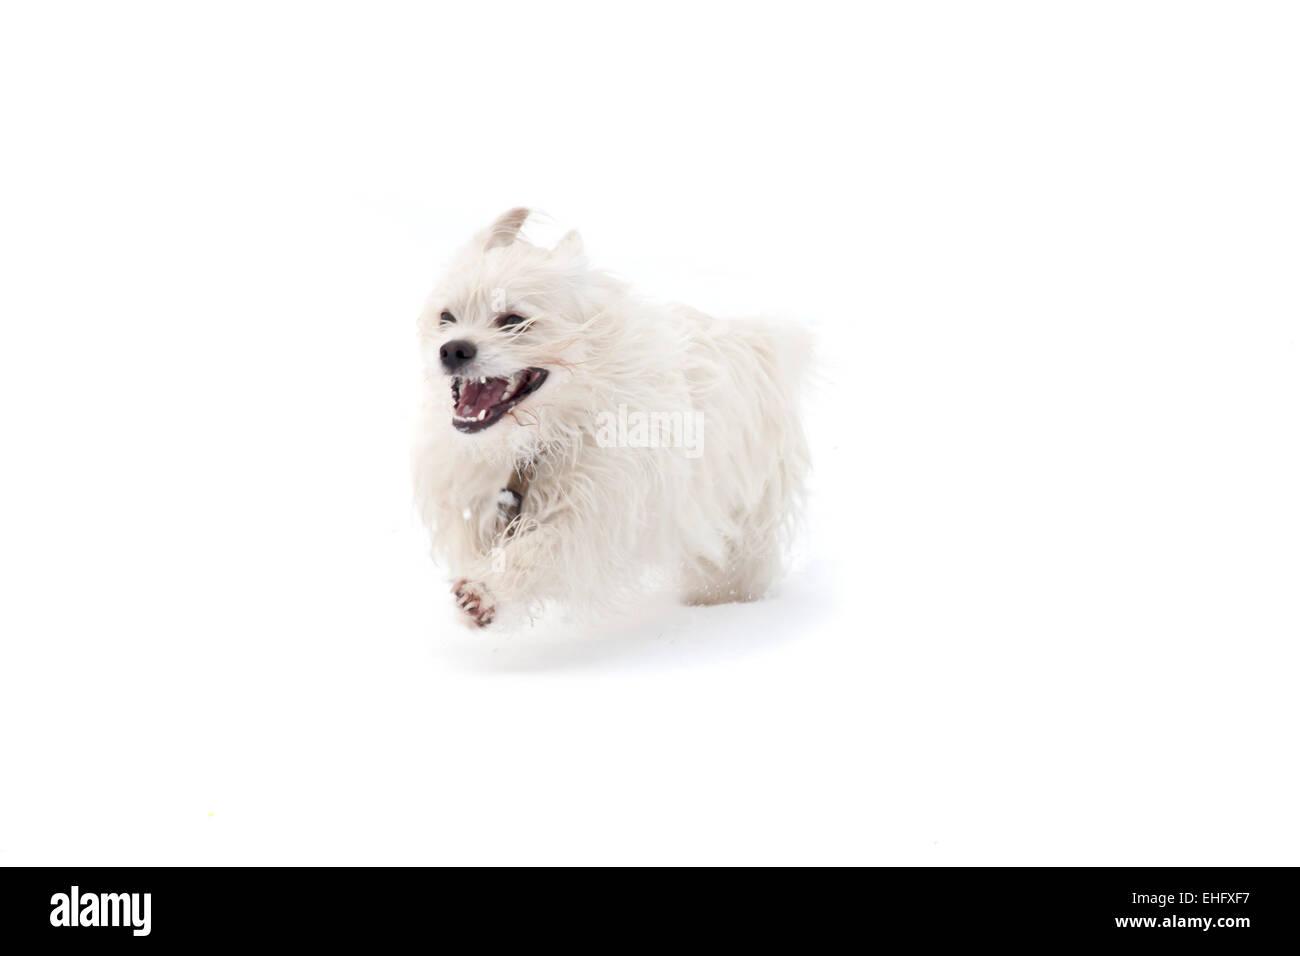 laufender Hund auf weißem Hintergrund Stockfoto